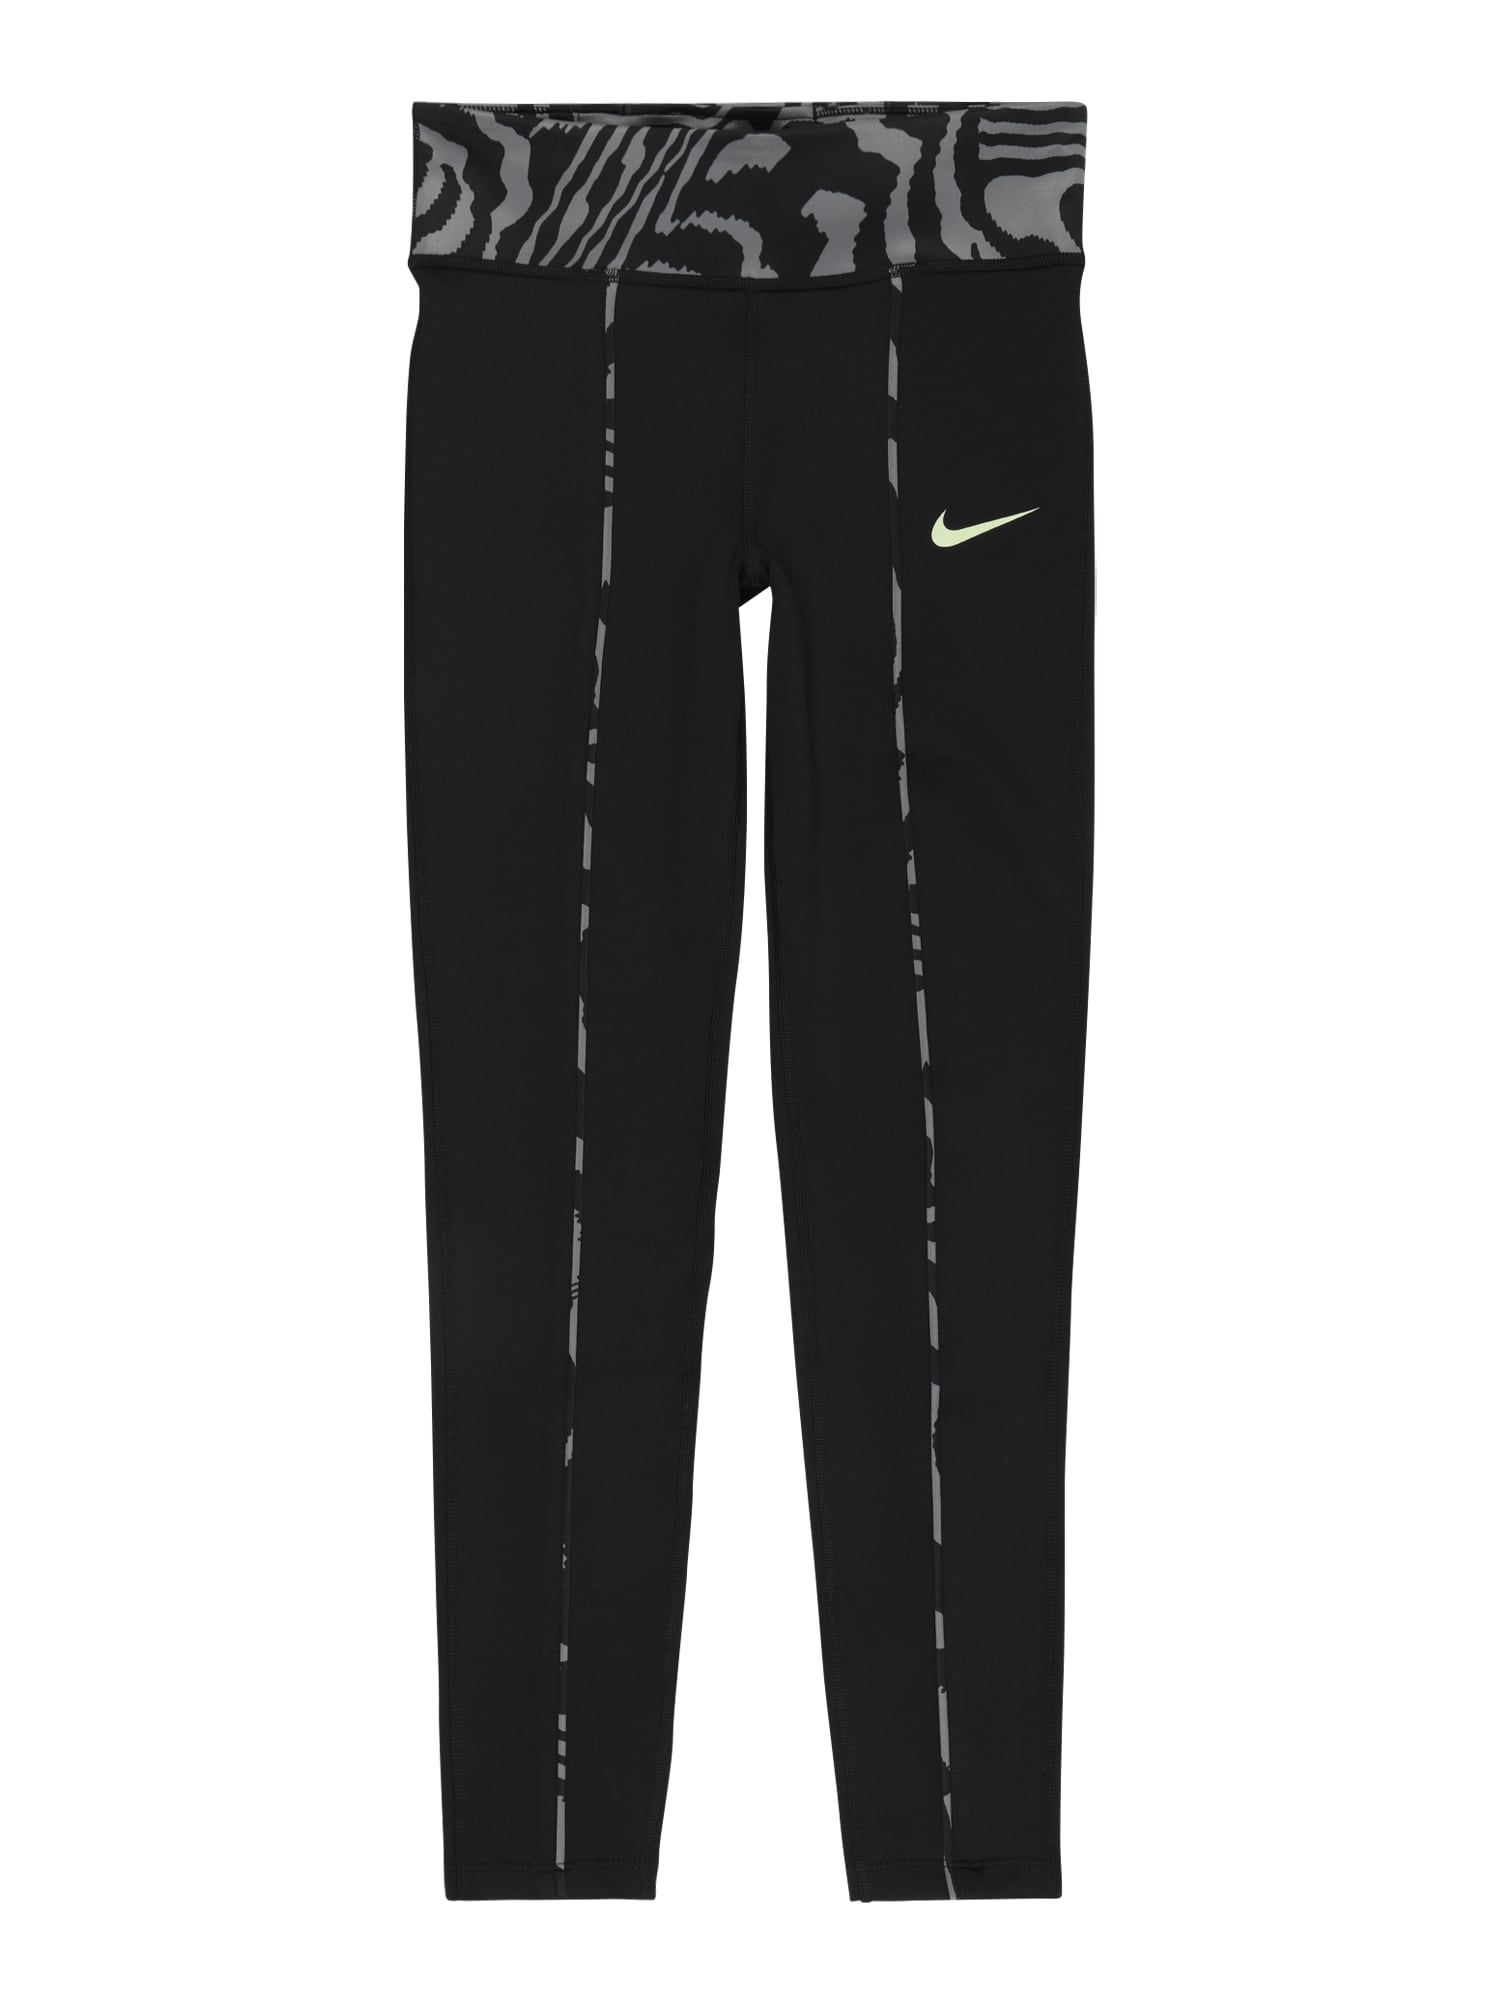 NIKE Sportinės kelnės 'One' juoda / pilka / neoninė žalia